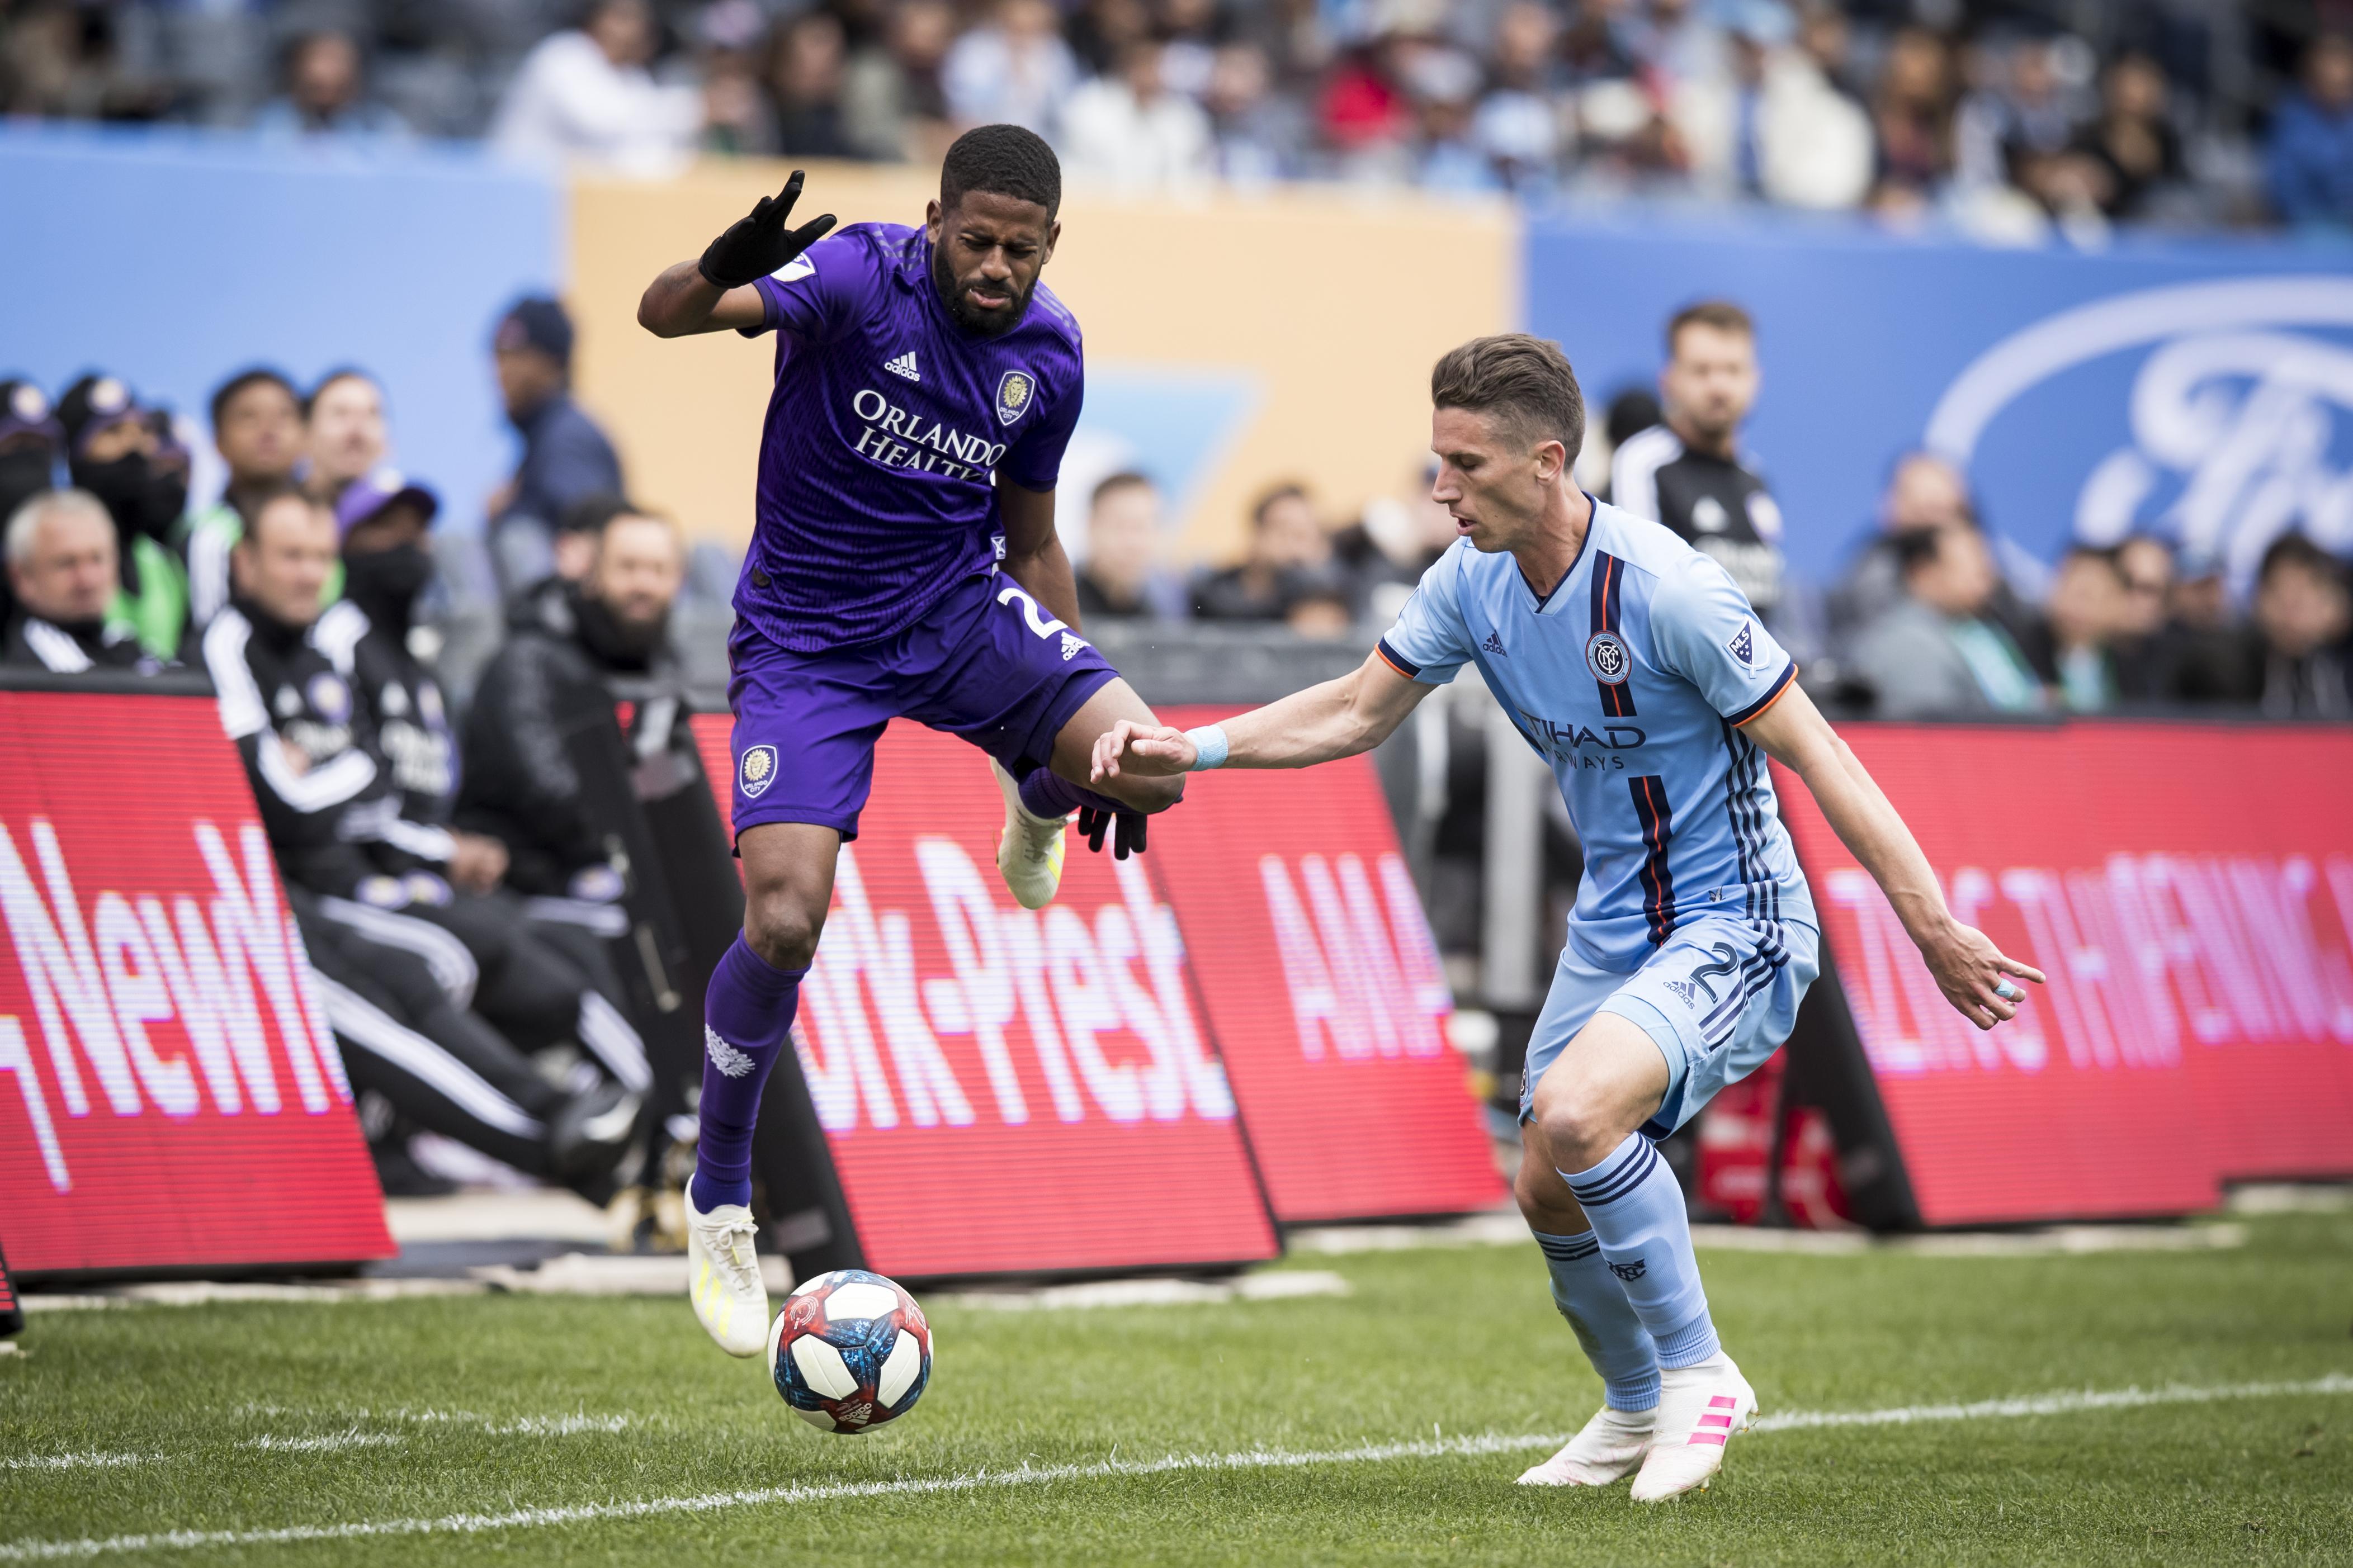 New York City FC v Orlando City SC - 2019 MLS